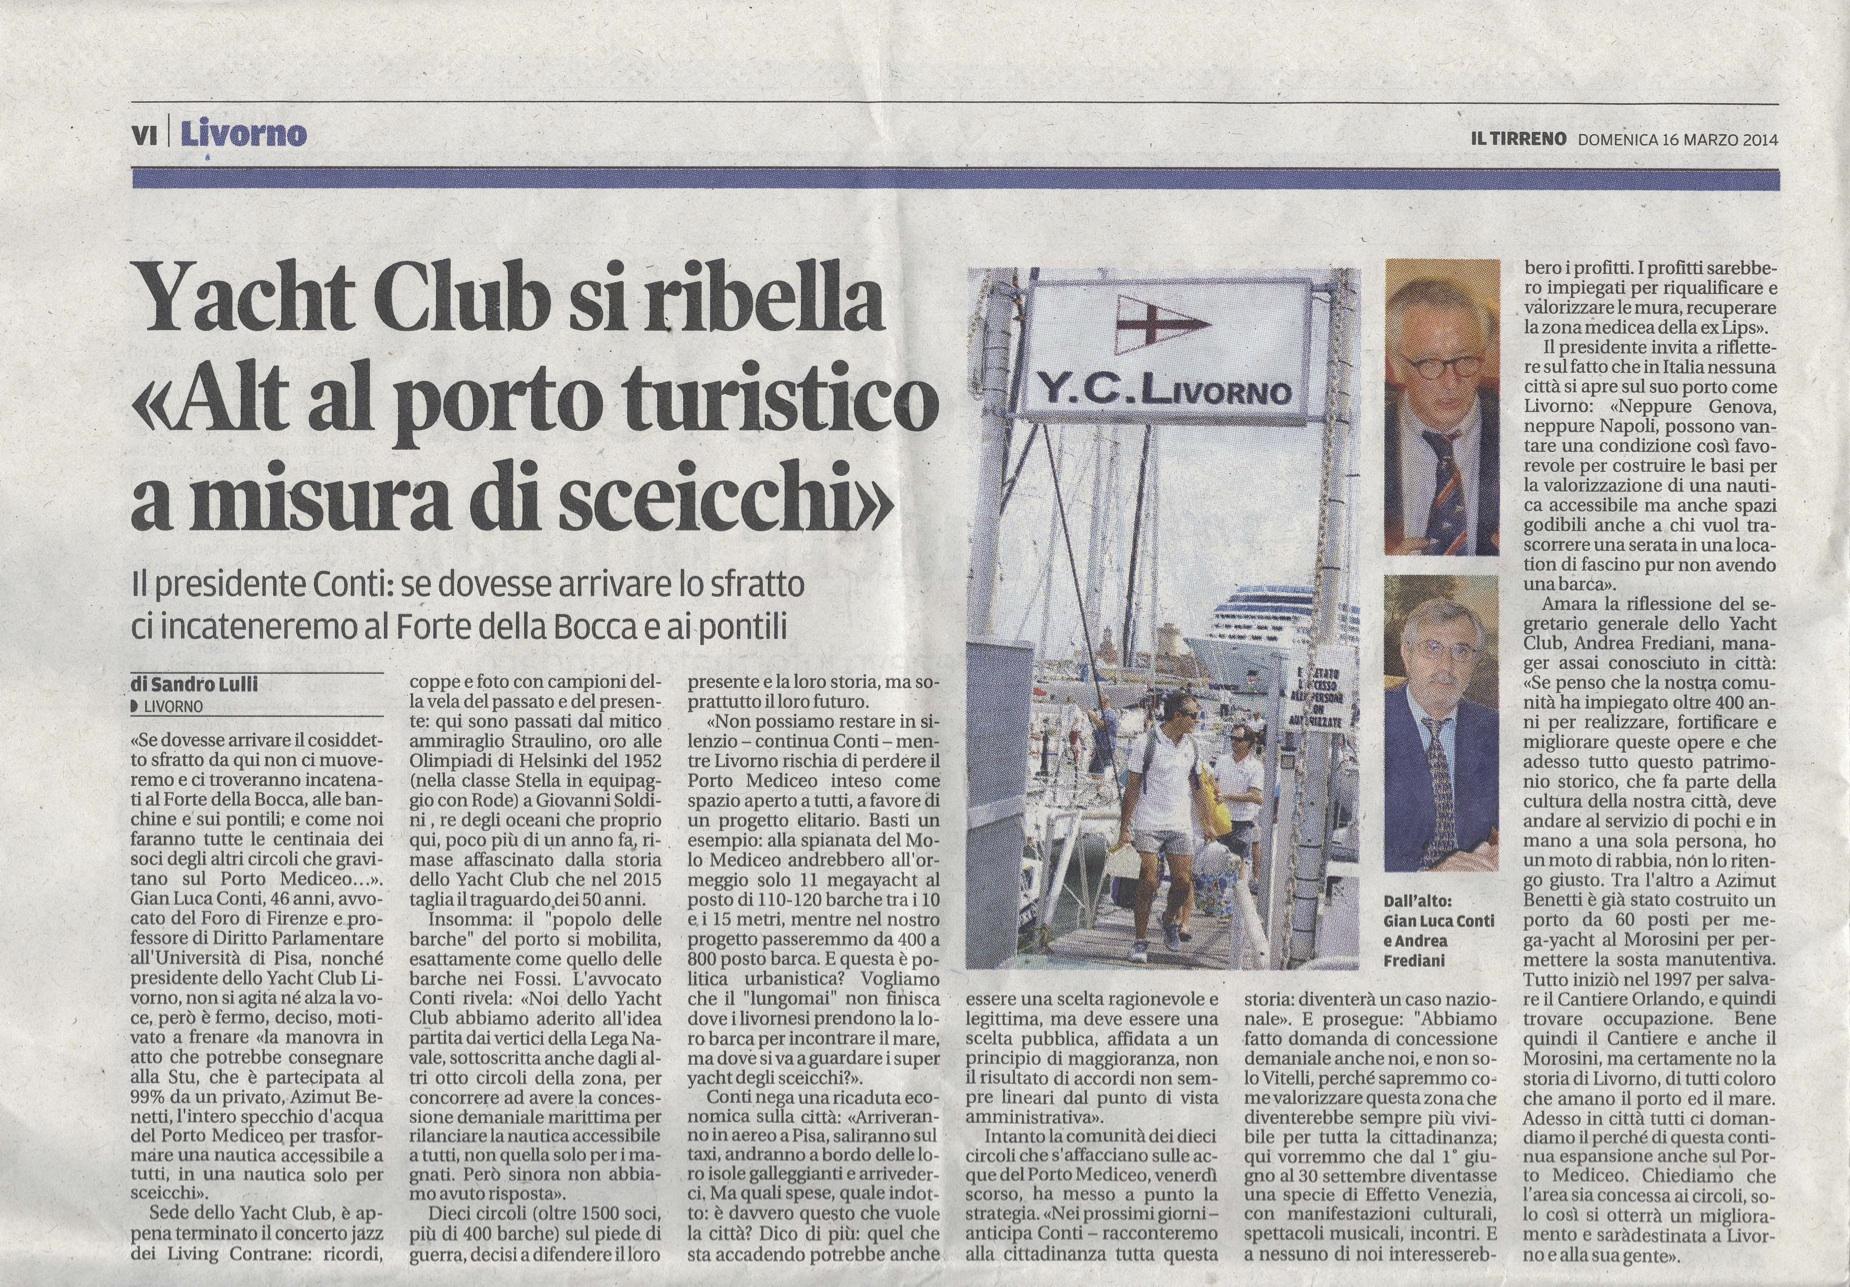 Articolo Tirreno 16 3 2014